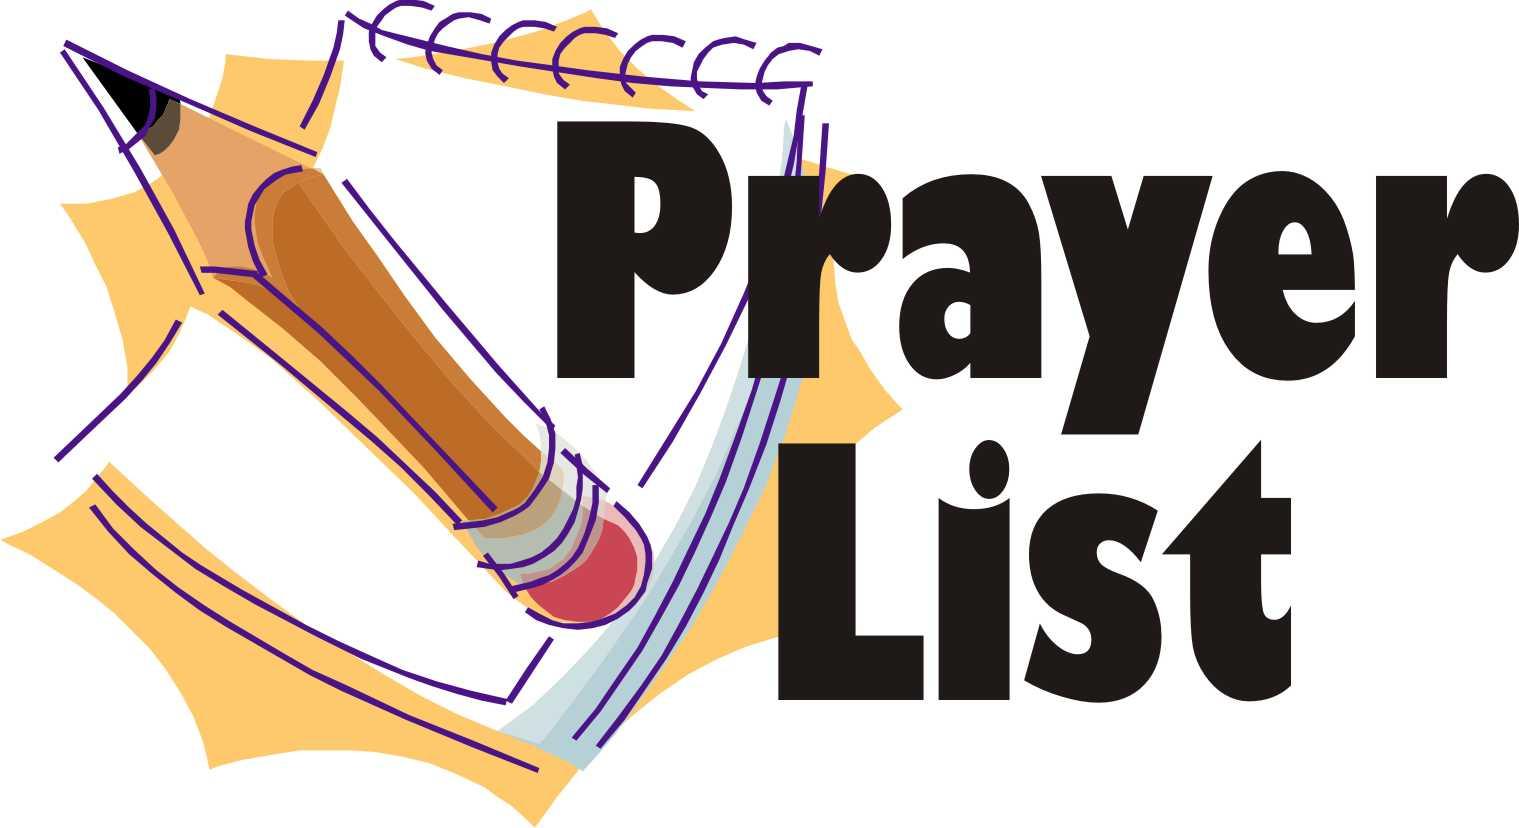 Prayer meeting clipart